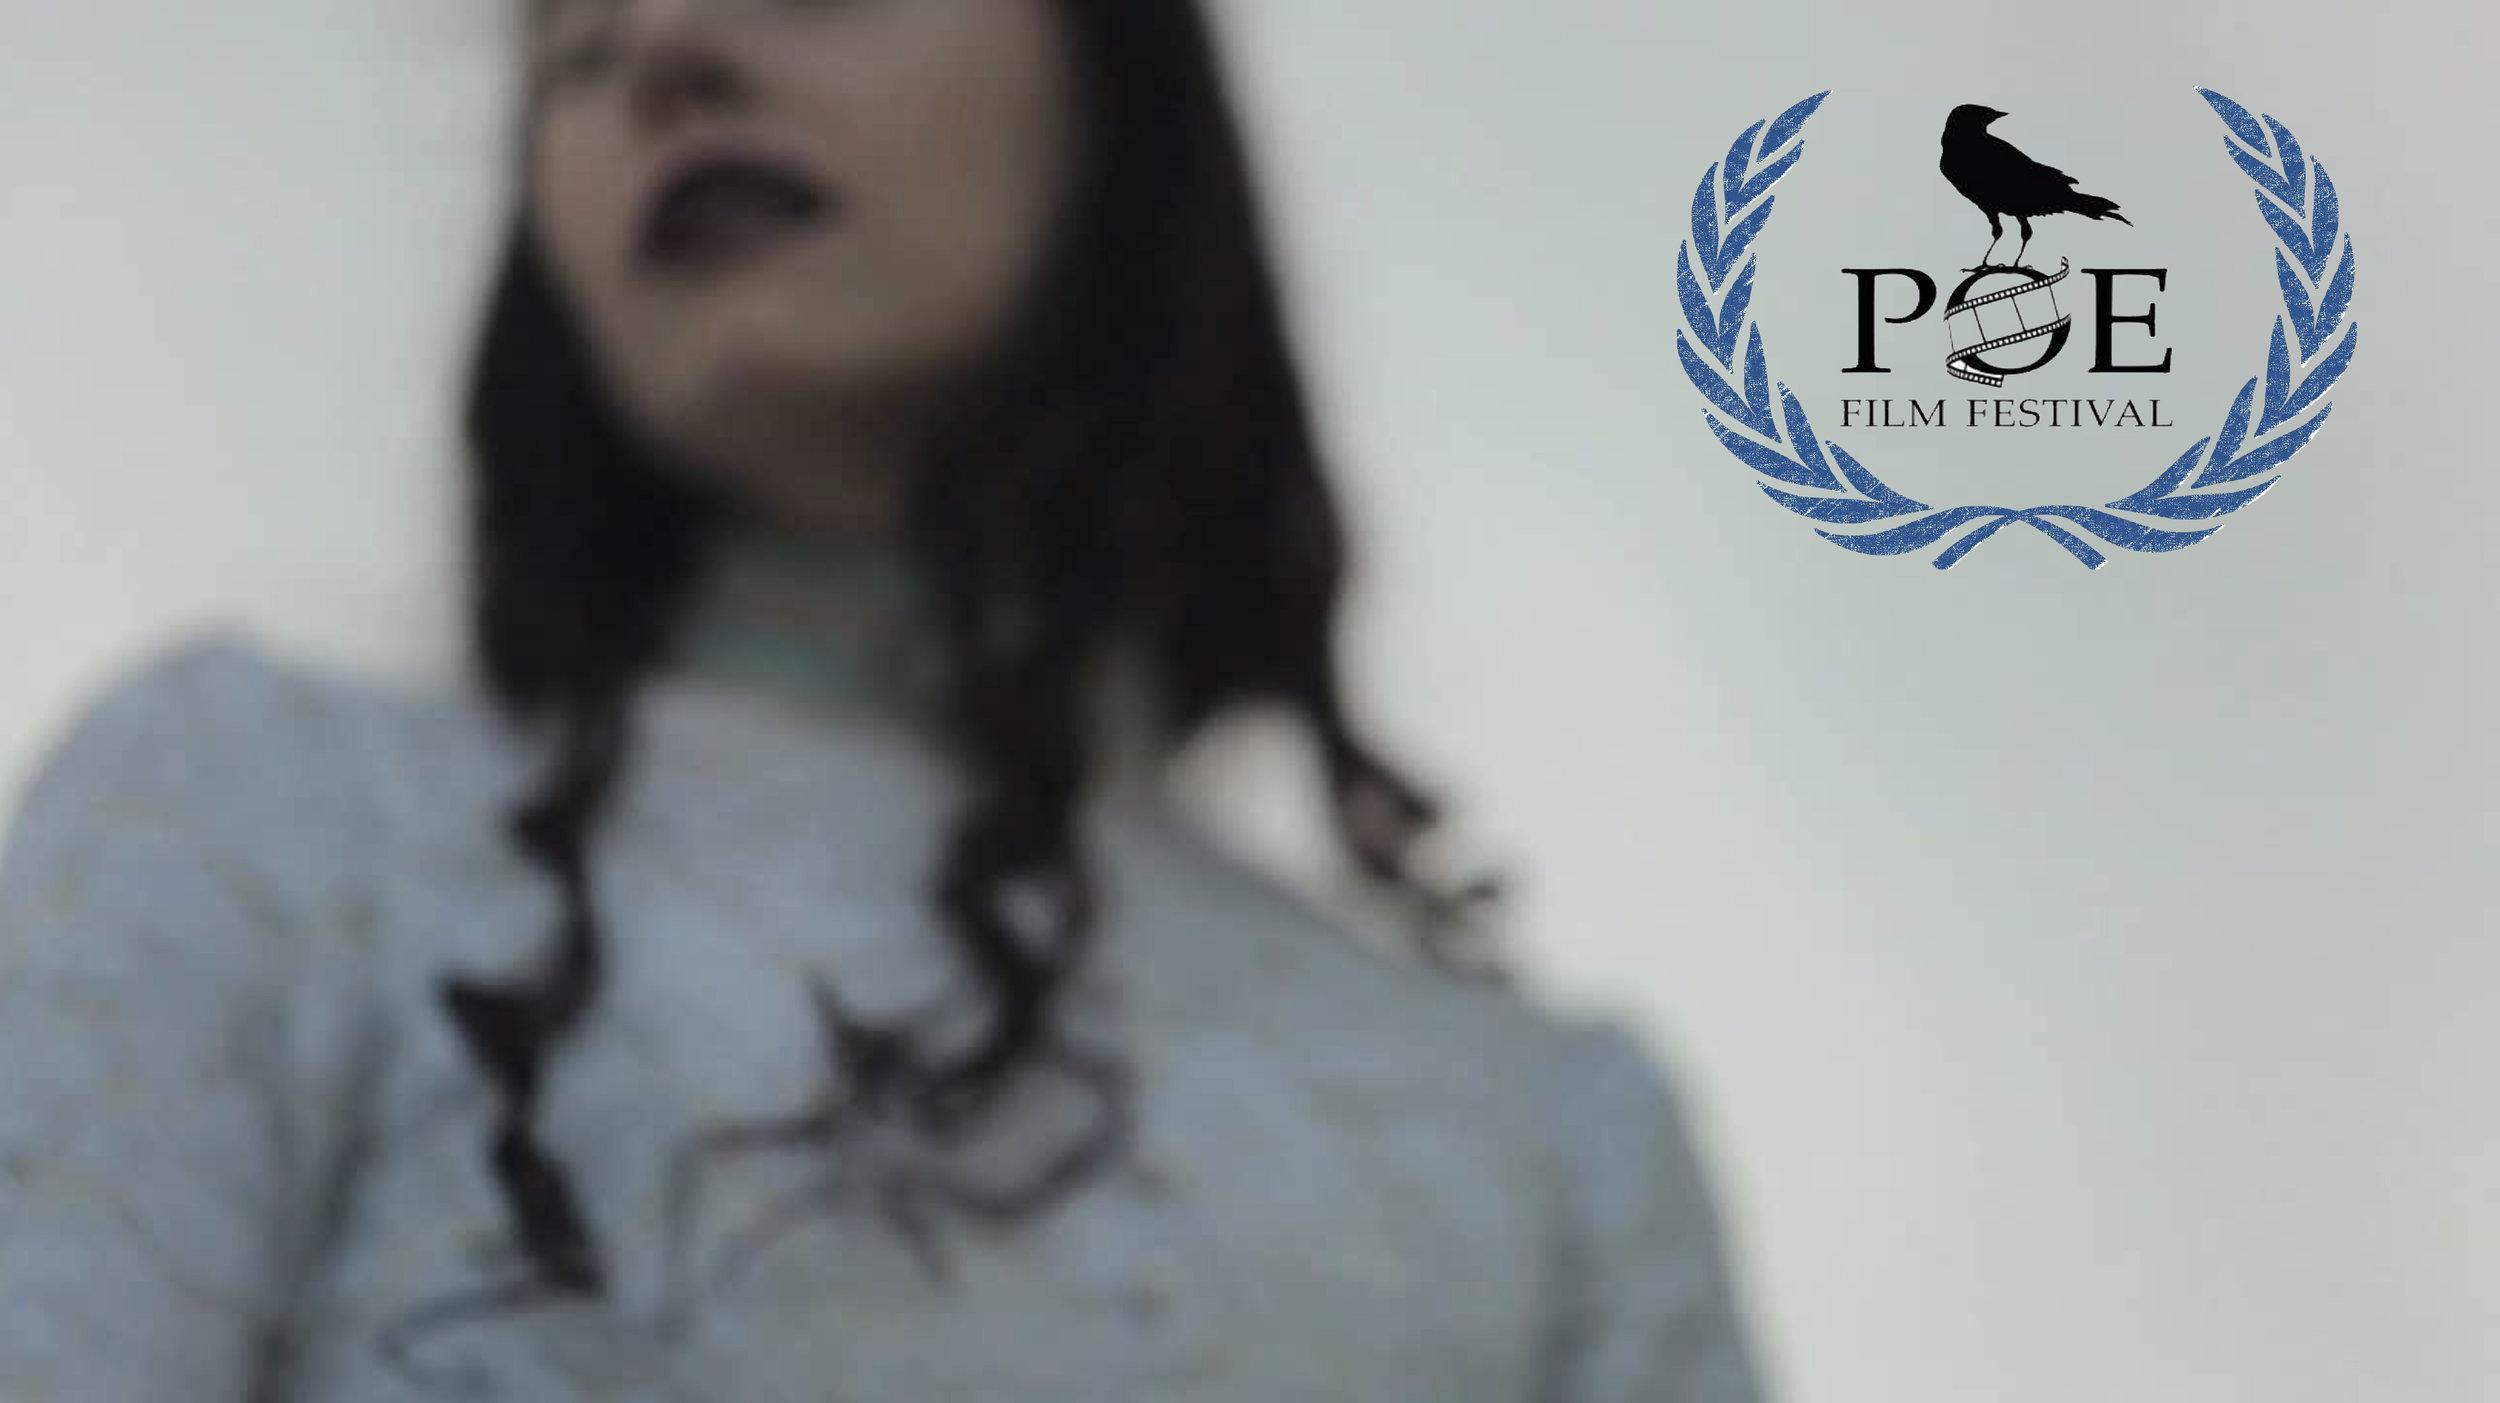 Poe Film Festival | 2019